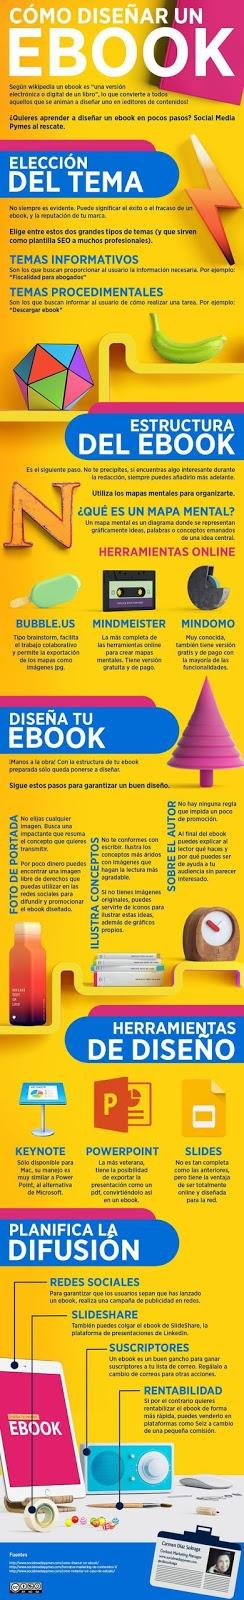 Cómo diseñar un libro digital  [Infografía]